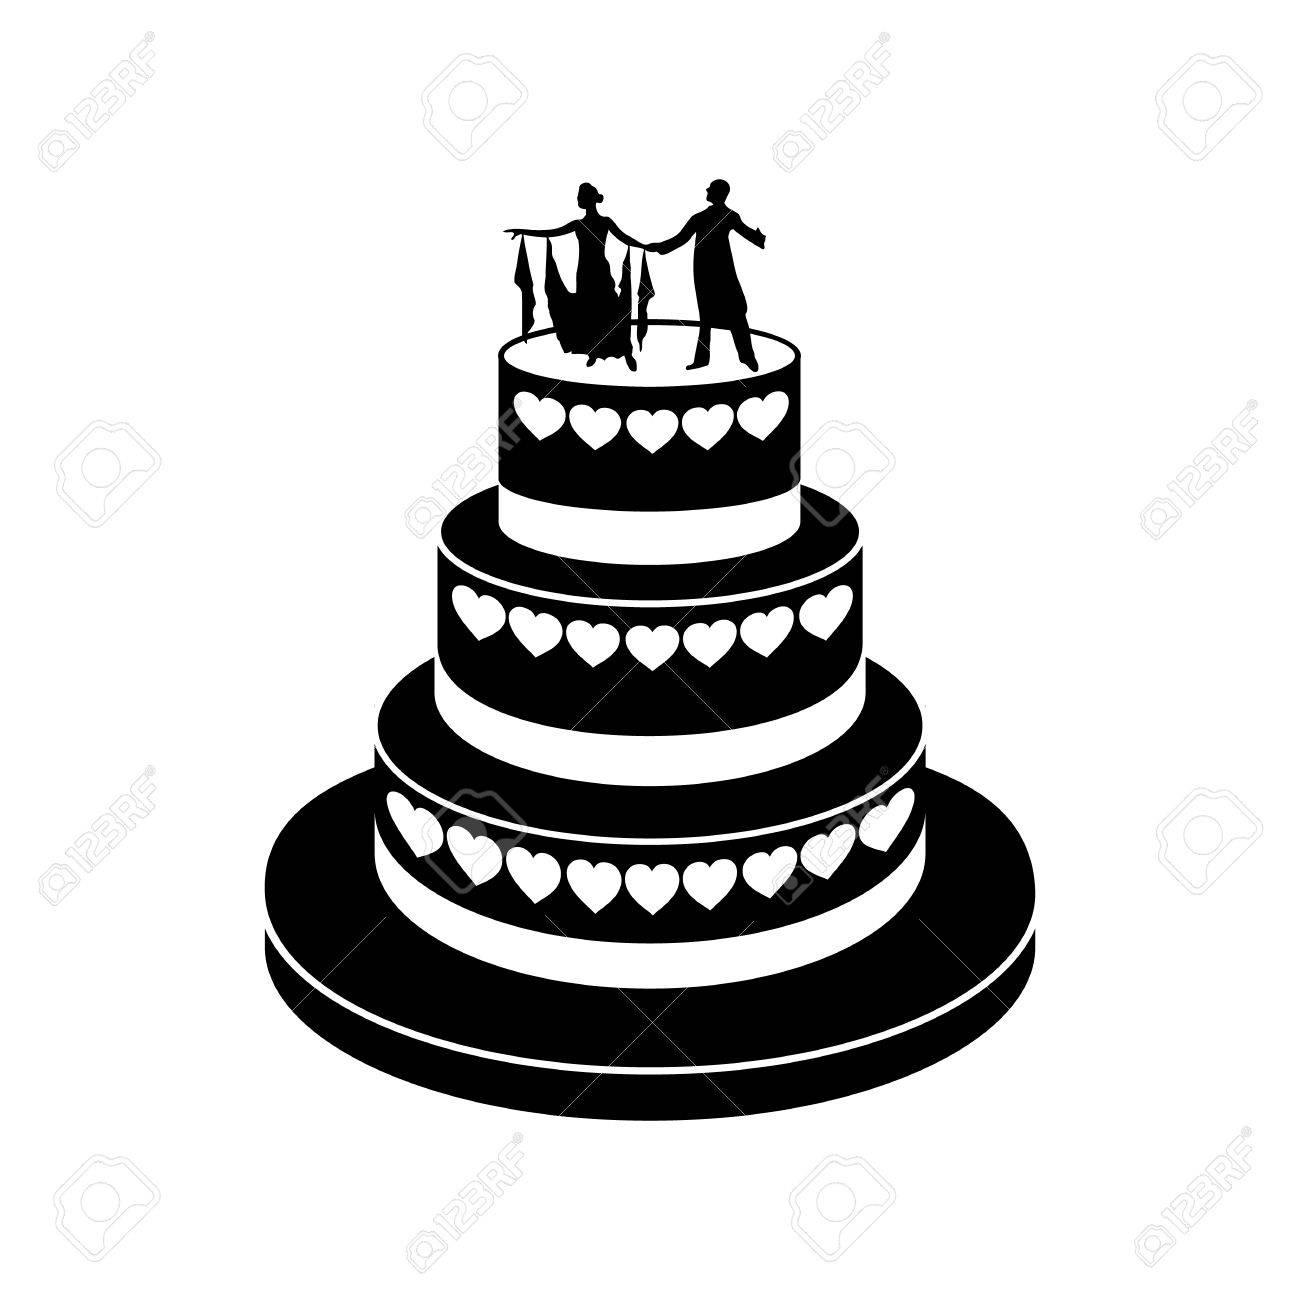 Hochzeitstorte Einfach Symbol Auf Einem Weissen Hintergrund